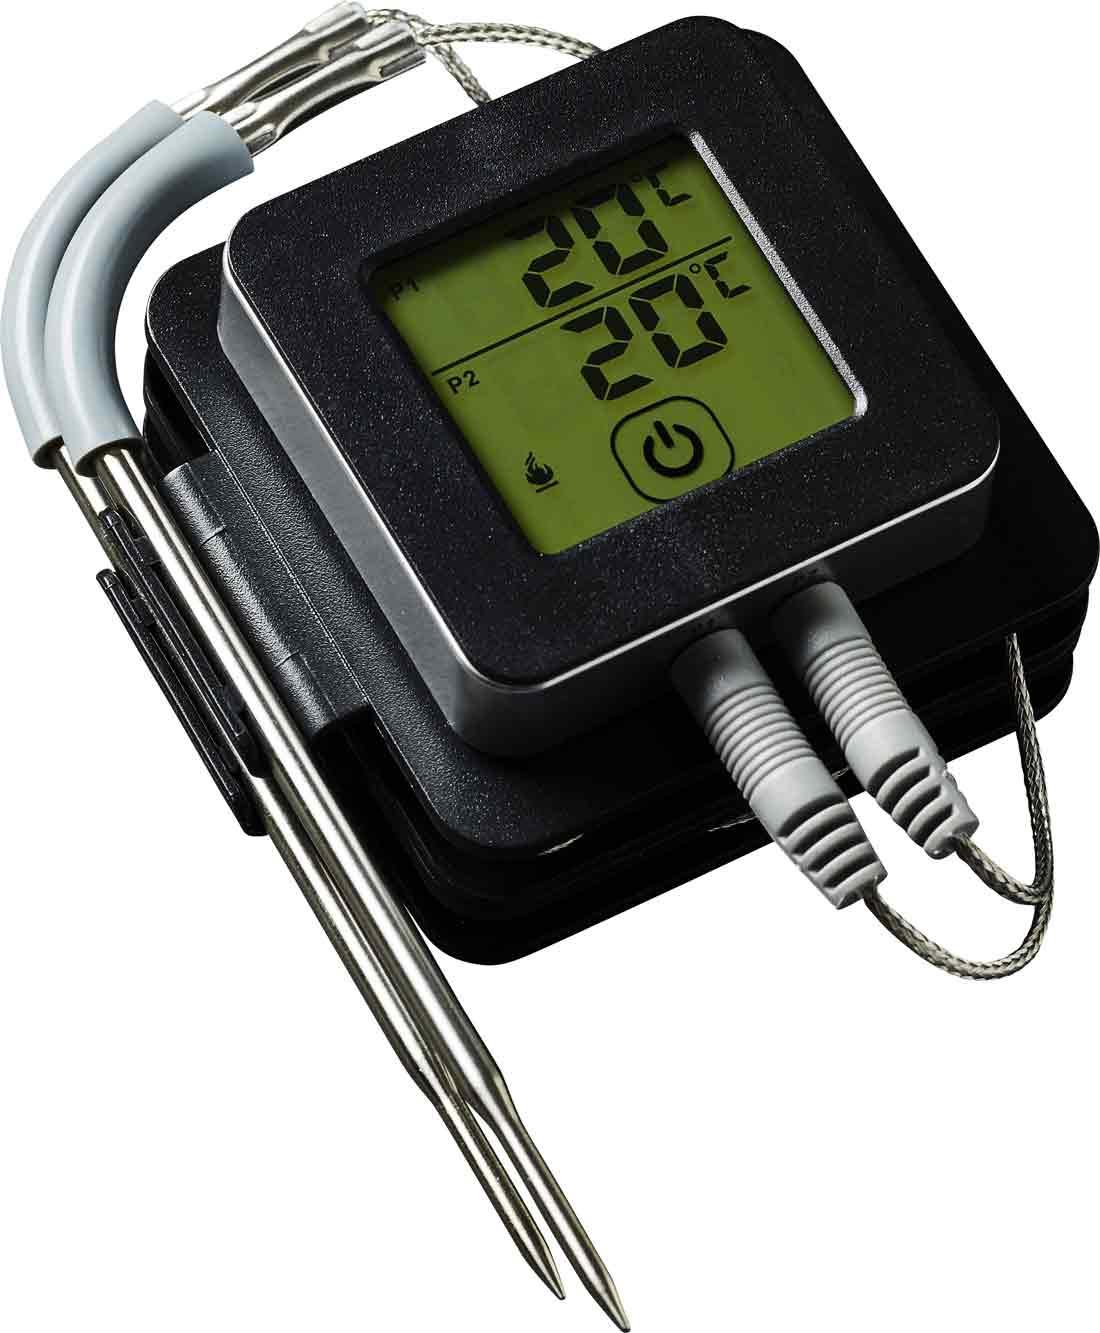 Bluetooth Grill-Thermometer Fleisch-Thermometer mit APP-Steuerung Orange 60690001 – Bild 3